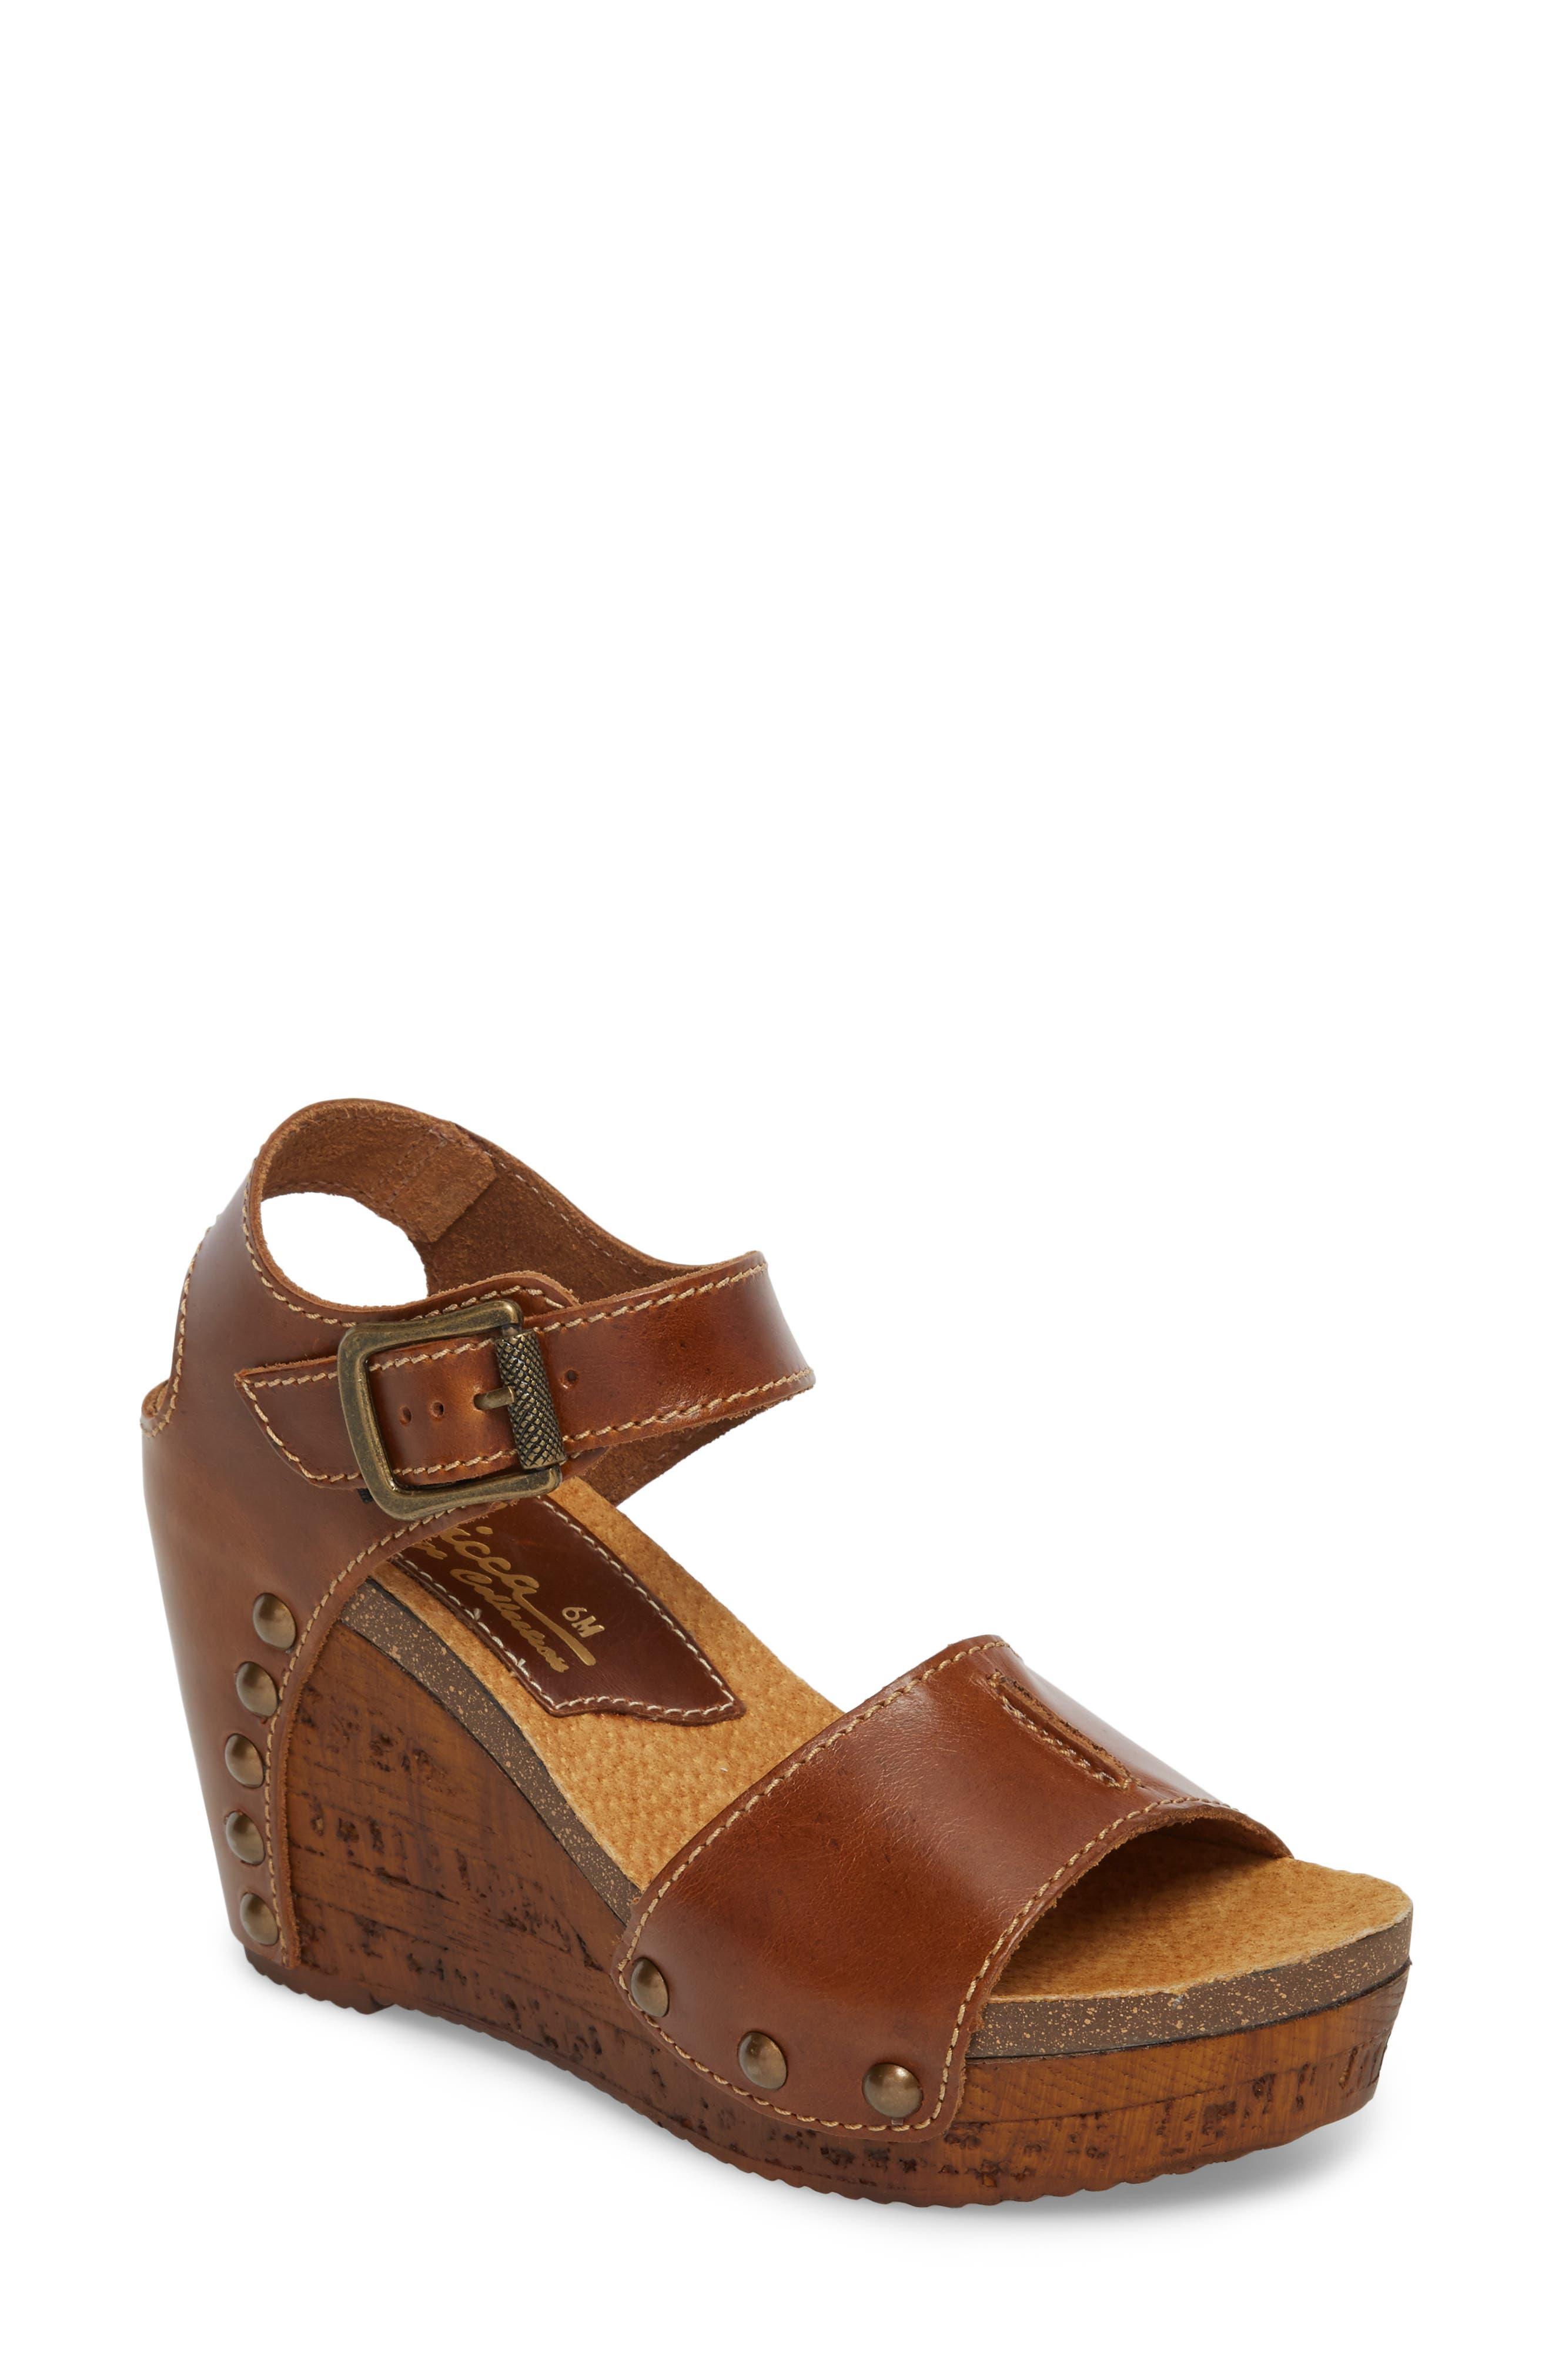 Alternate Image 1 Selected - Sbicca Brella Studded Platform Wedge Sandal (Women)